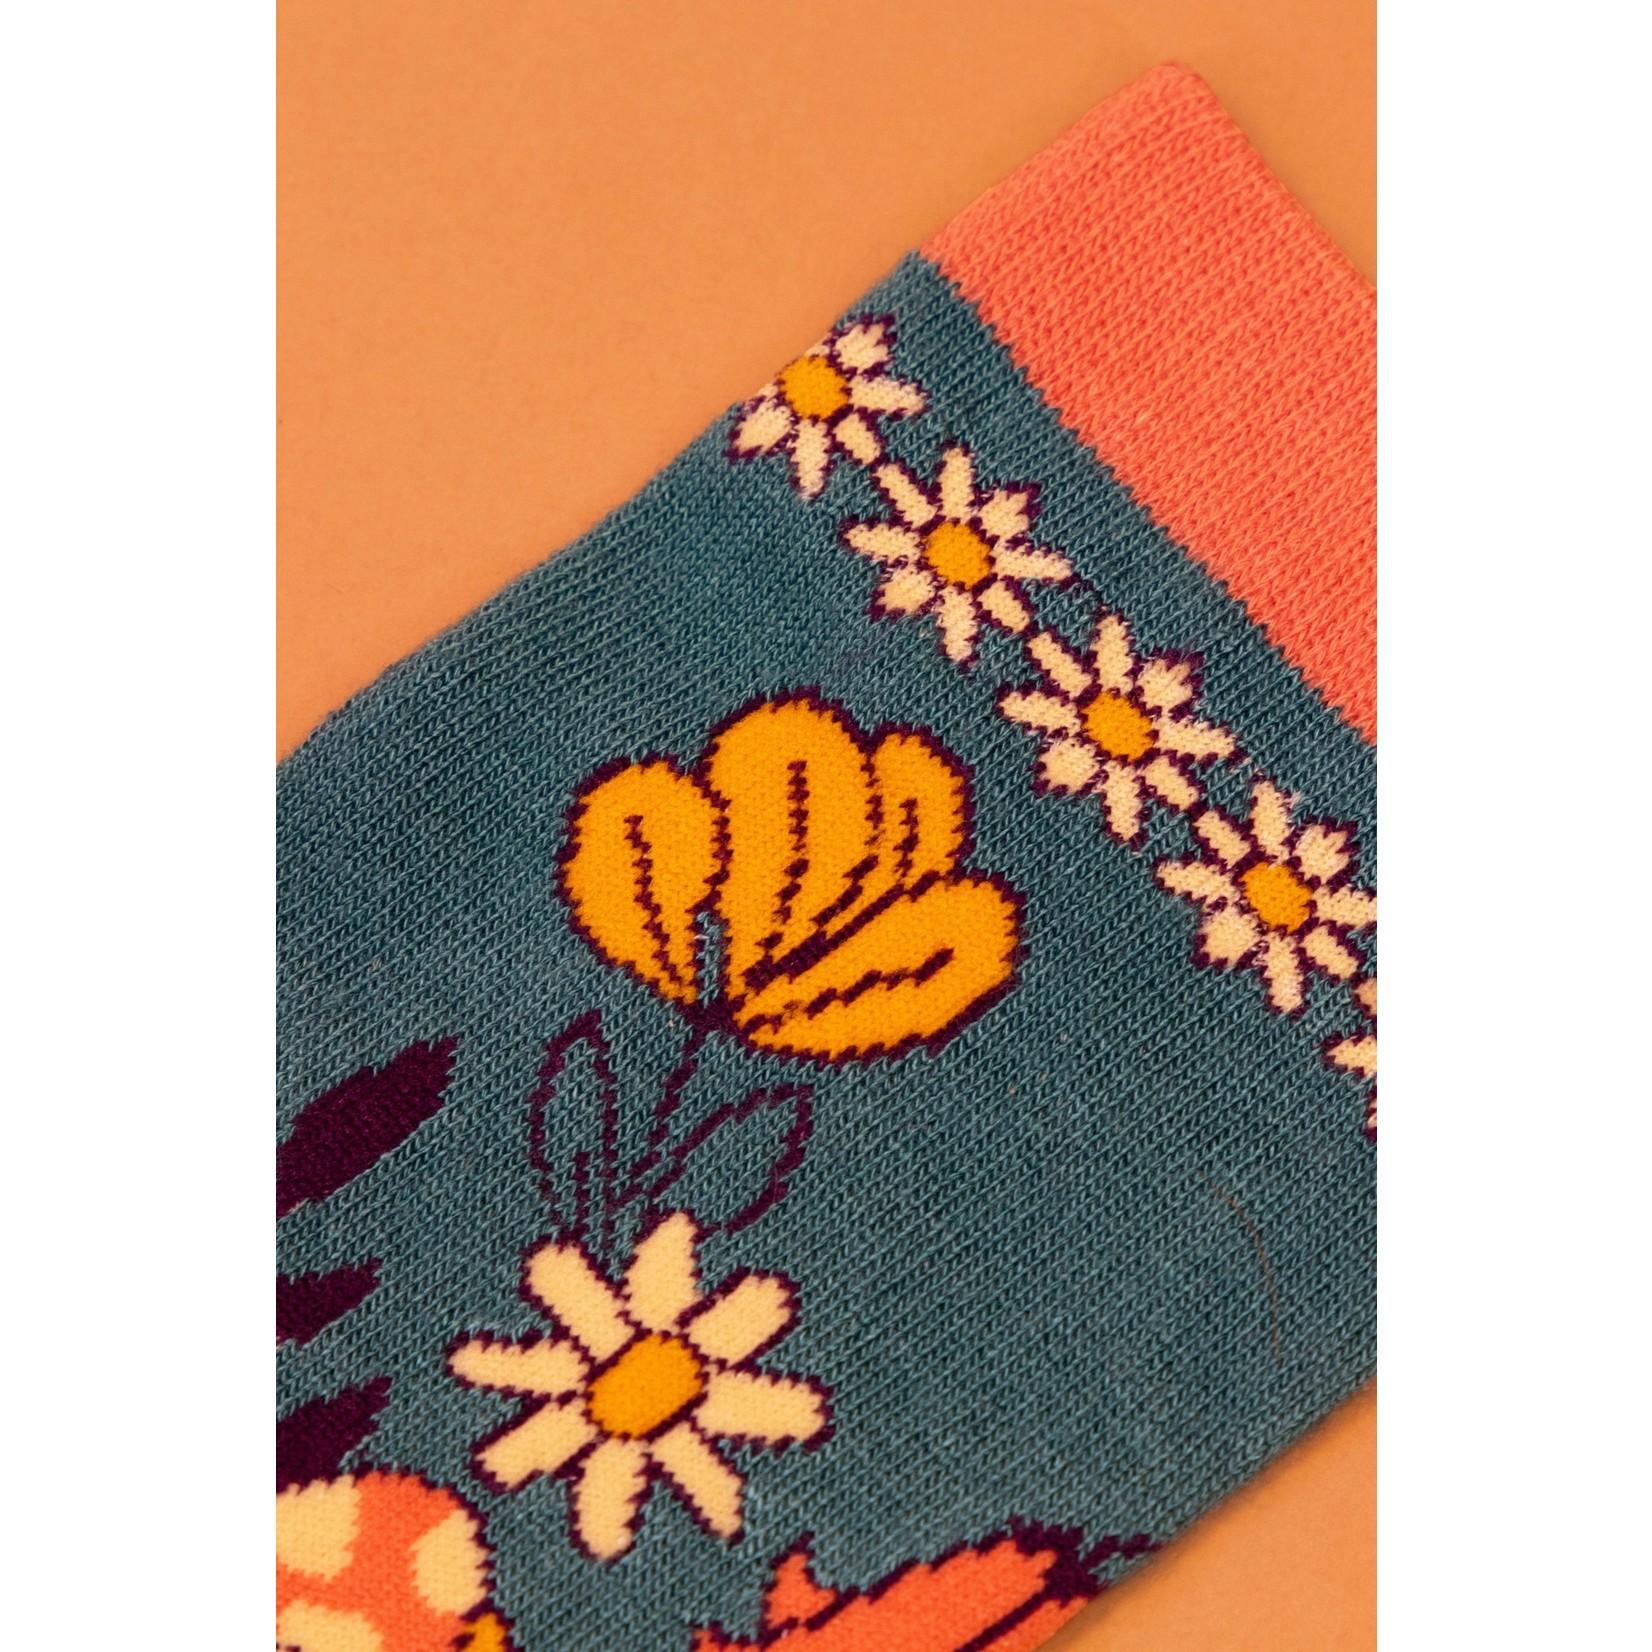 Powder Floral Ankle Socks in Teal